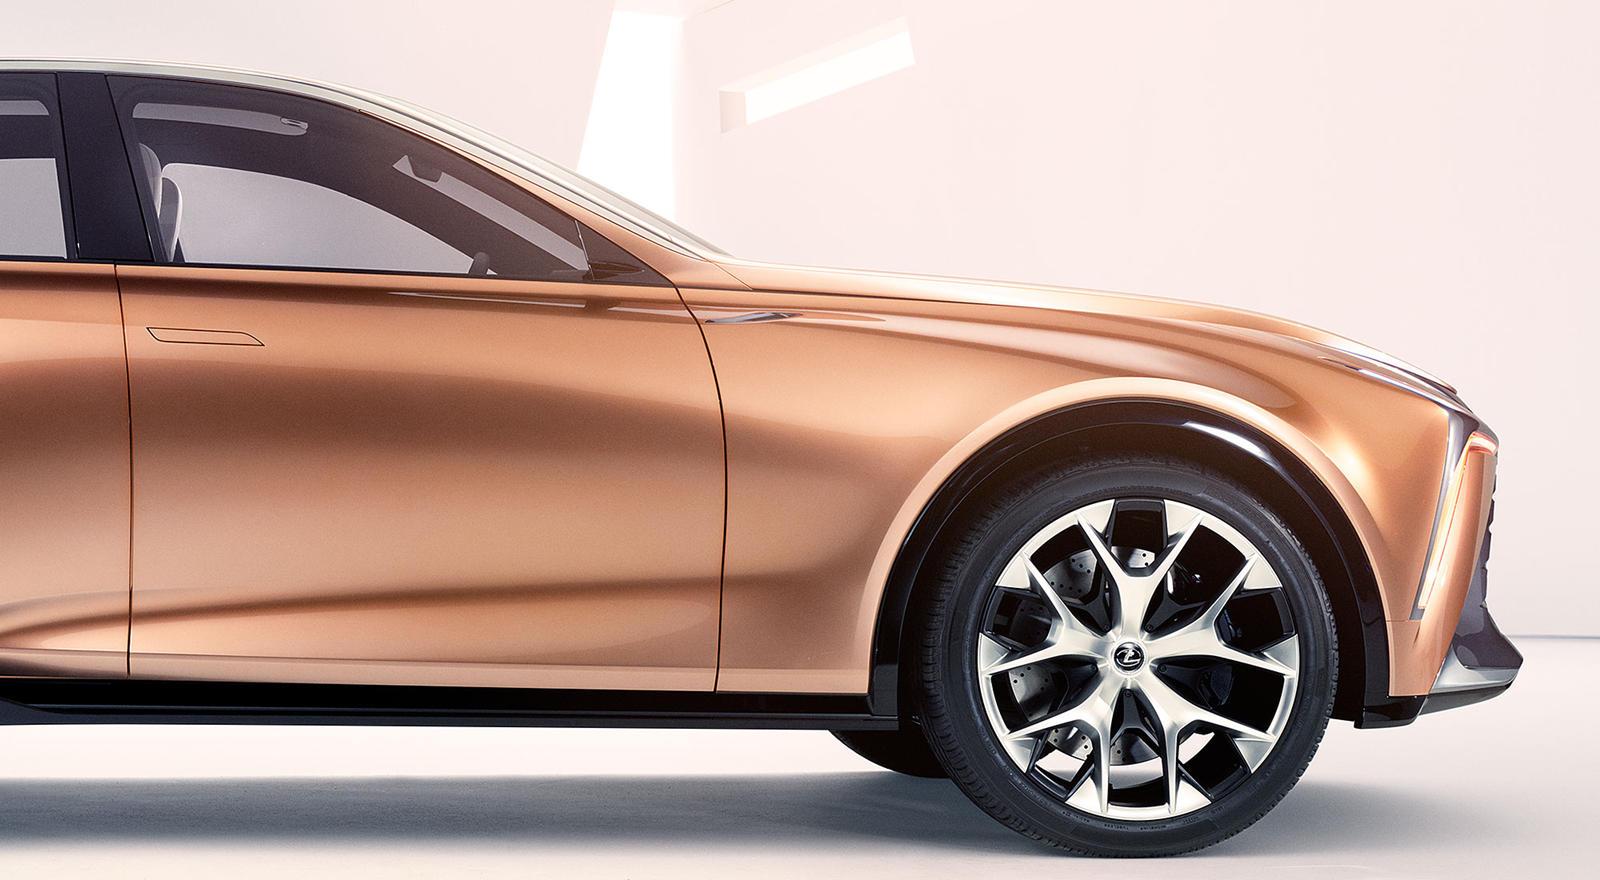 Когда полноразмерный кроссовер LQ появится на рынке около 2021 года как модель 2022 года, он заменит существующий LX – это хорошо, учитывая, сколько лет нынешнему LX - более десяти.